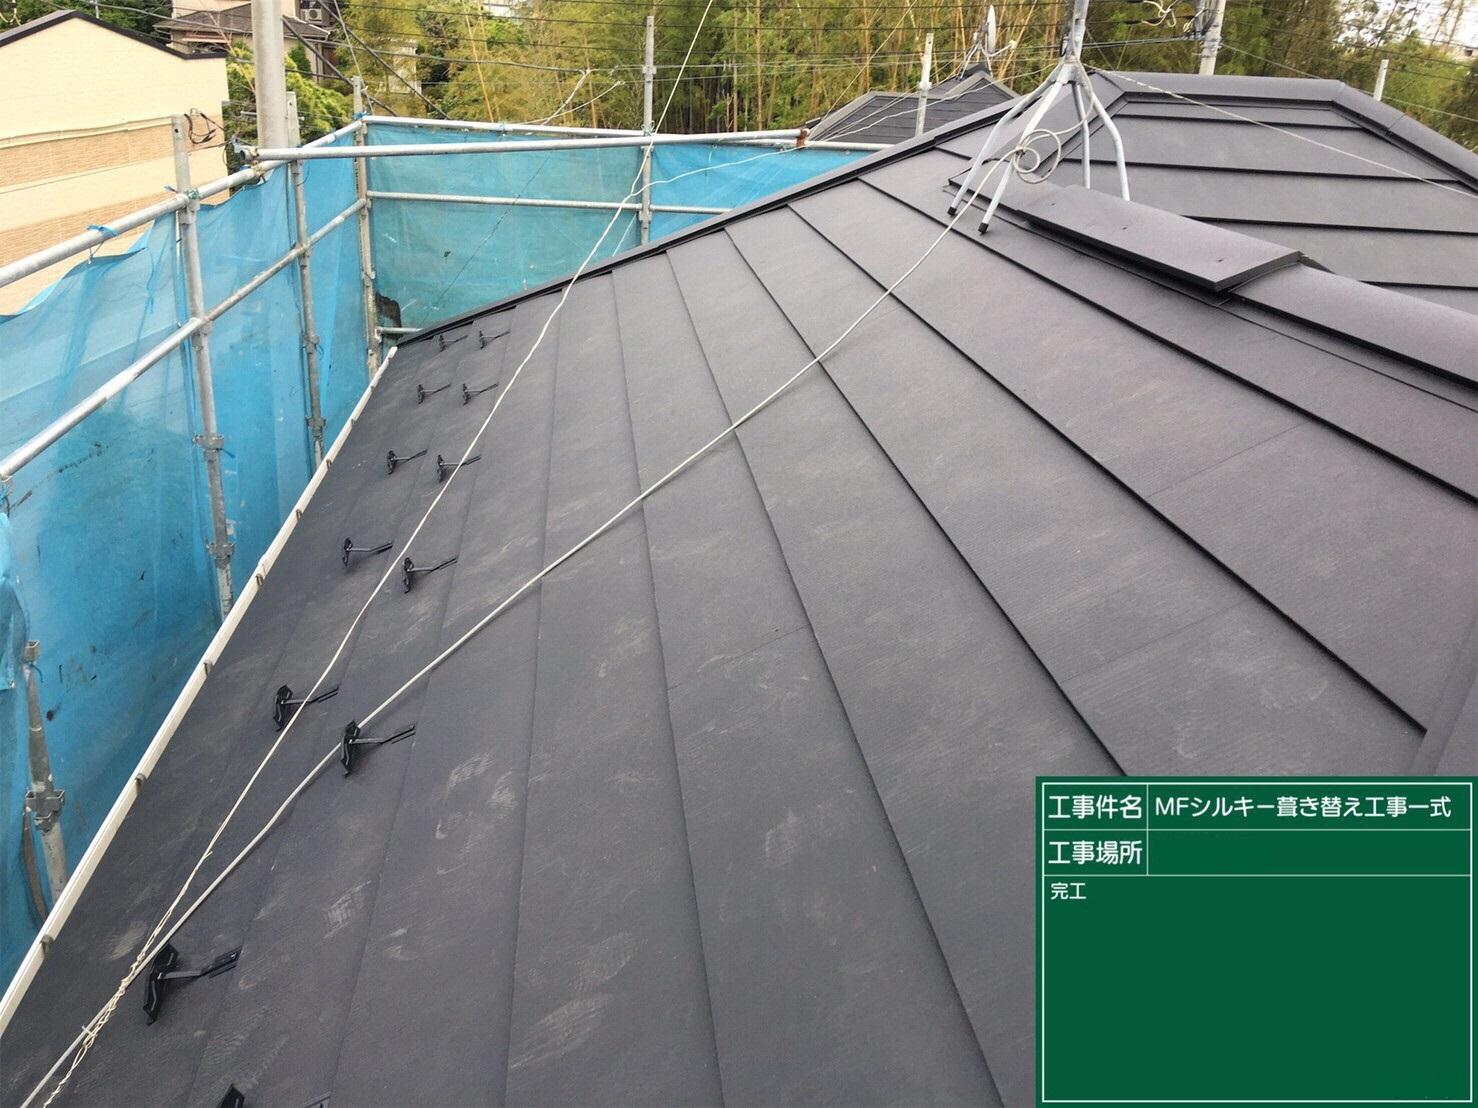 屋根工事施工写真 (49)